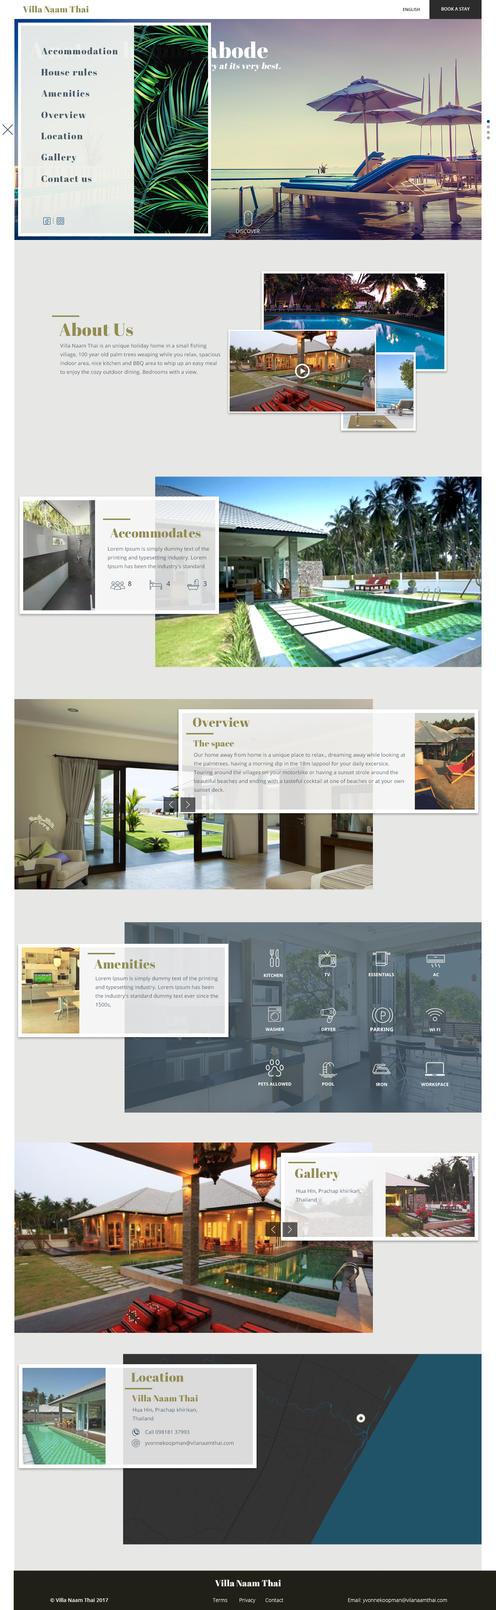 Villa-Naam-Thai Menu by ganeshtiskar